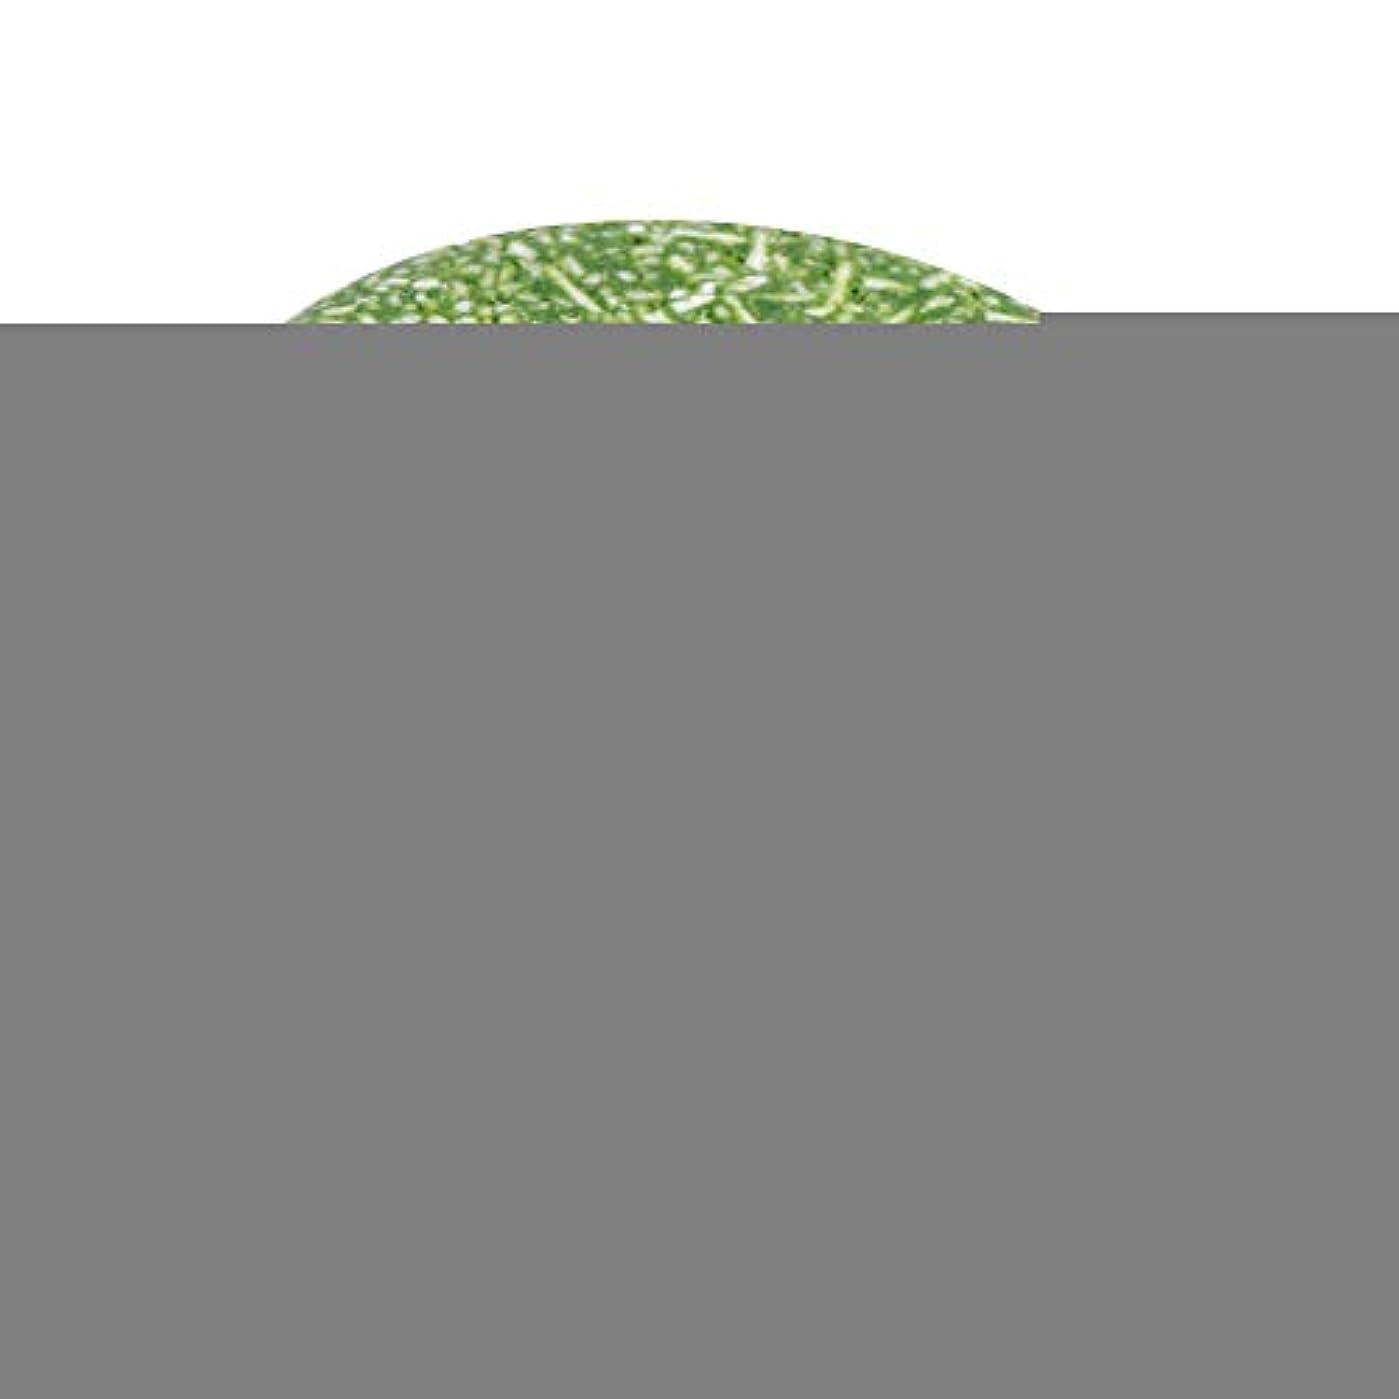 愚かあごひげ達成4色オーガニック手作りコールド加工シナモンシャンプーバー100%ピュアヘアシャンプー(緑)